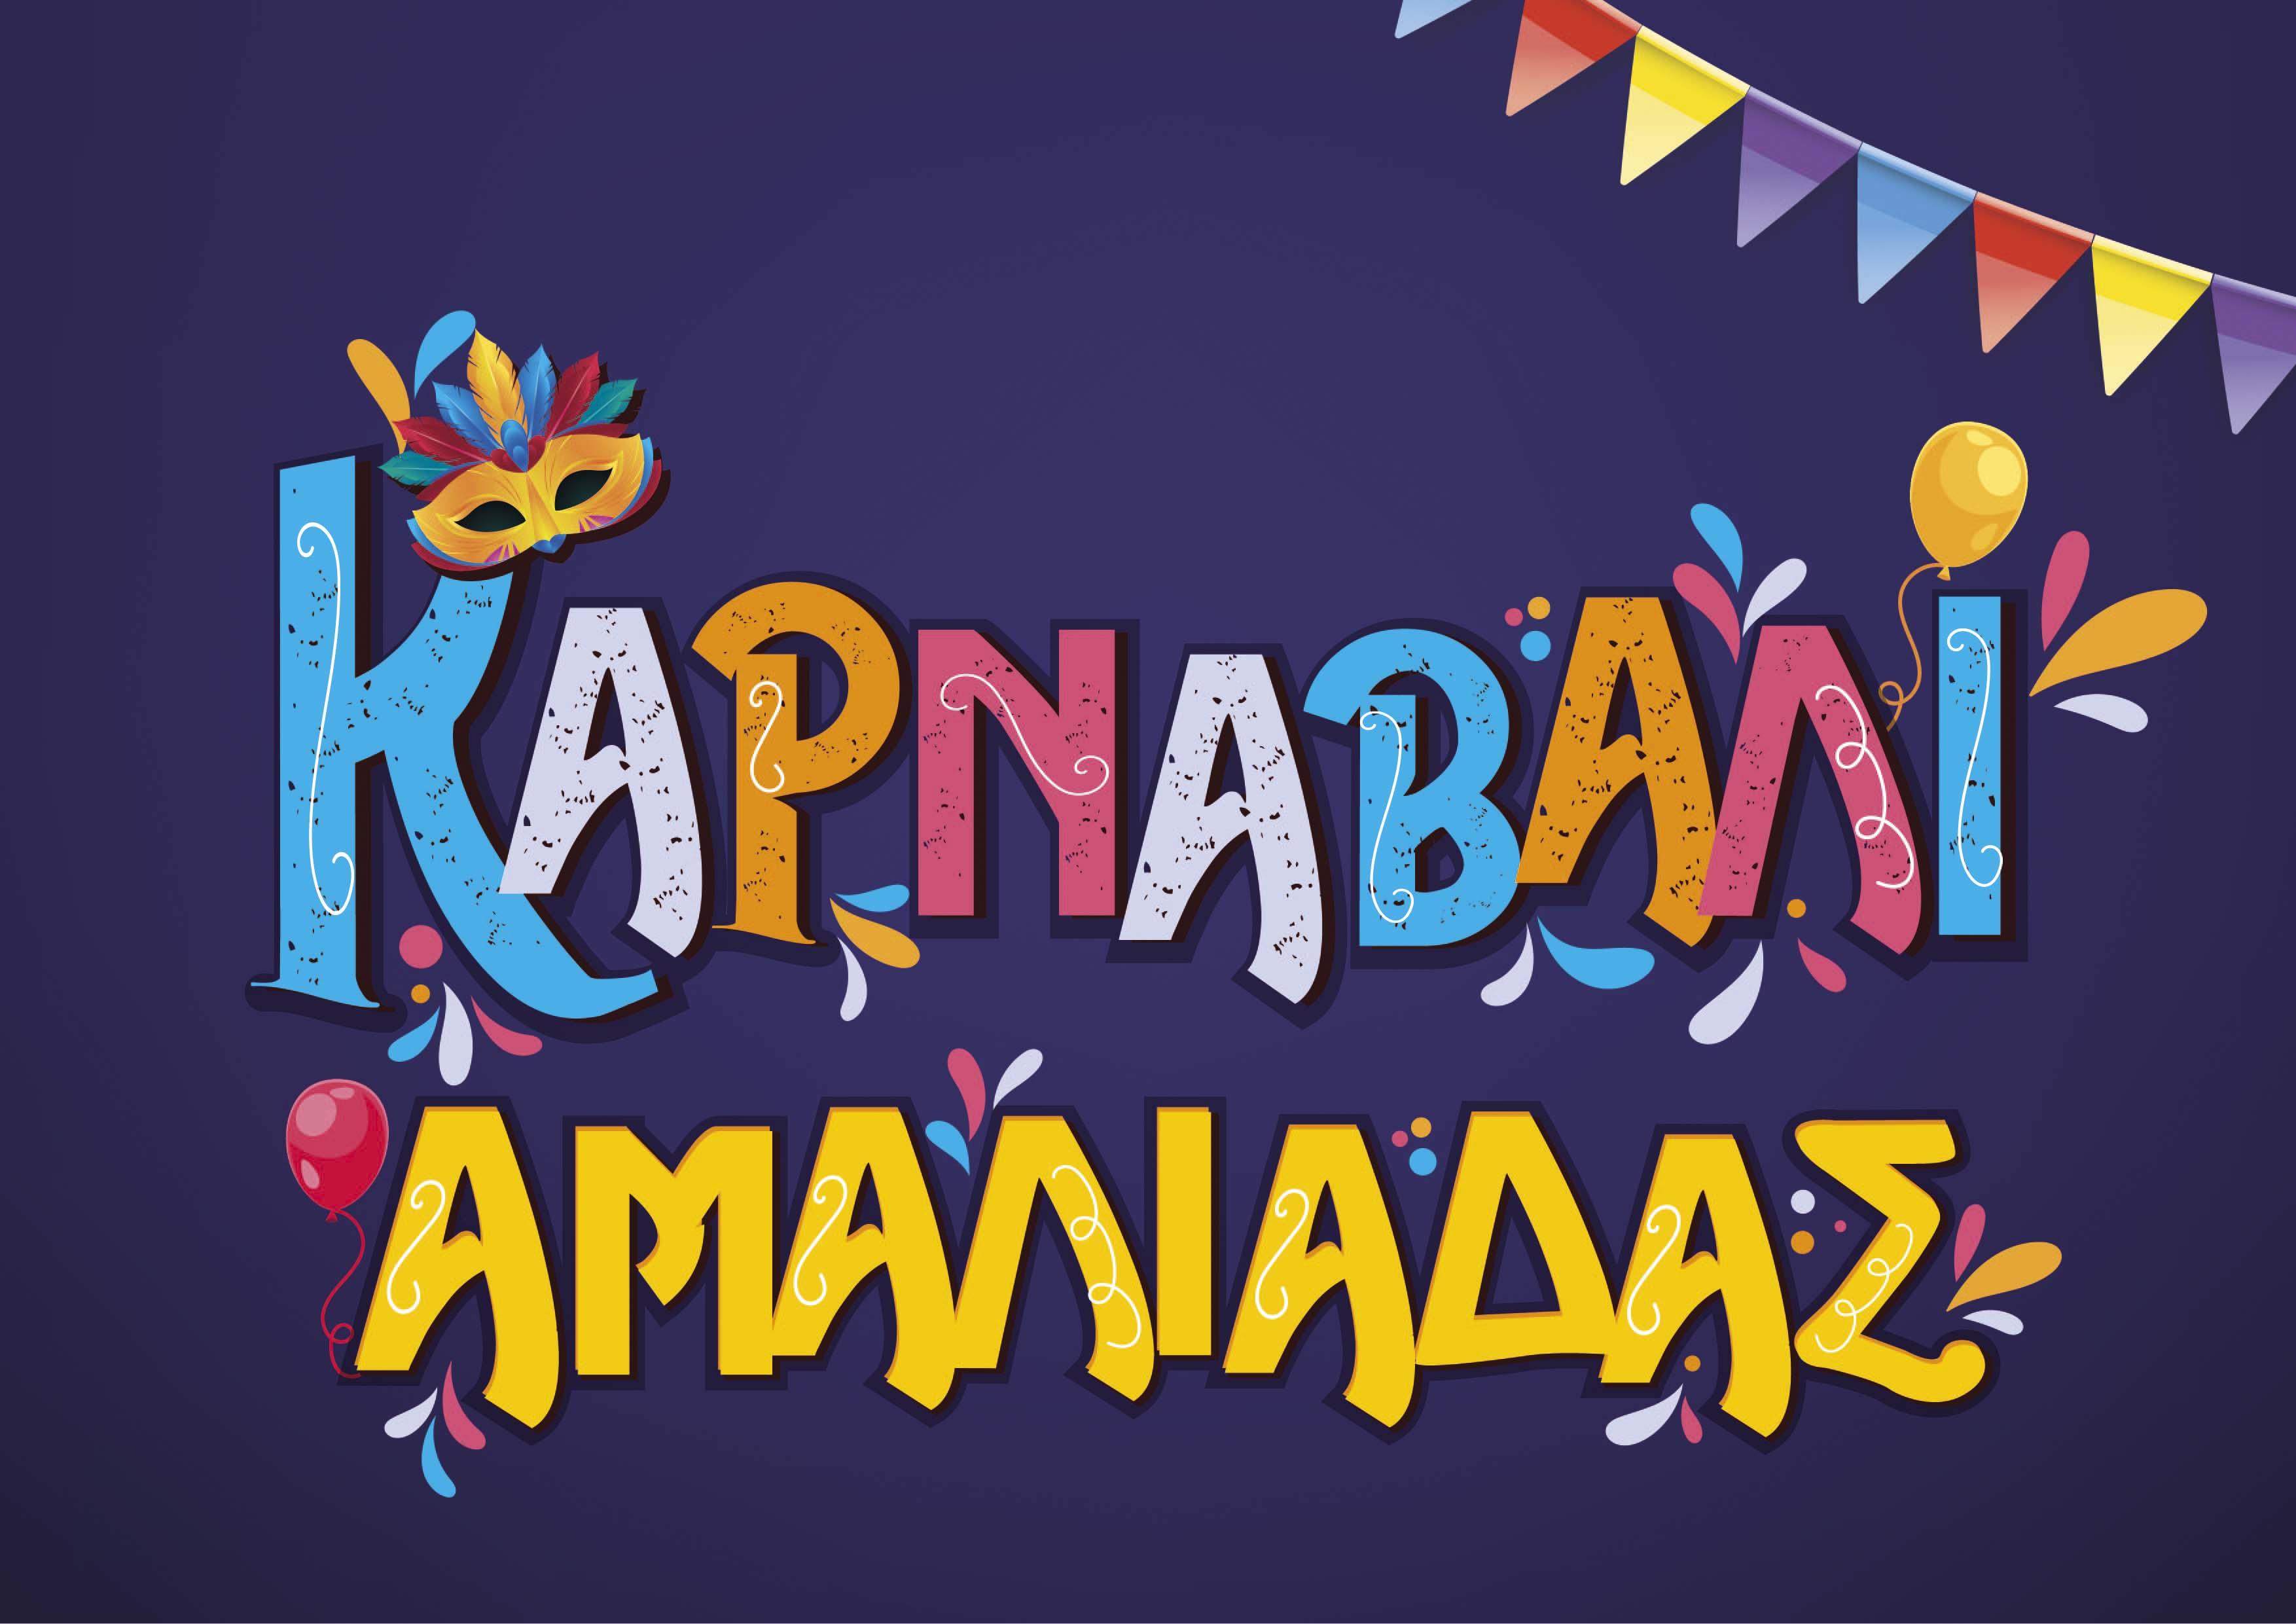 Το Καρναβάλι Αμαλιάδας αρχίζει : Στους δρόμους της πόλης το Σάββατο 8 Φεβρουαρίου ο «Τελάλης» και συναυλία με τον τραγουδιστή Θεολόγο Αναγνωστόπουλο